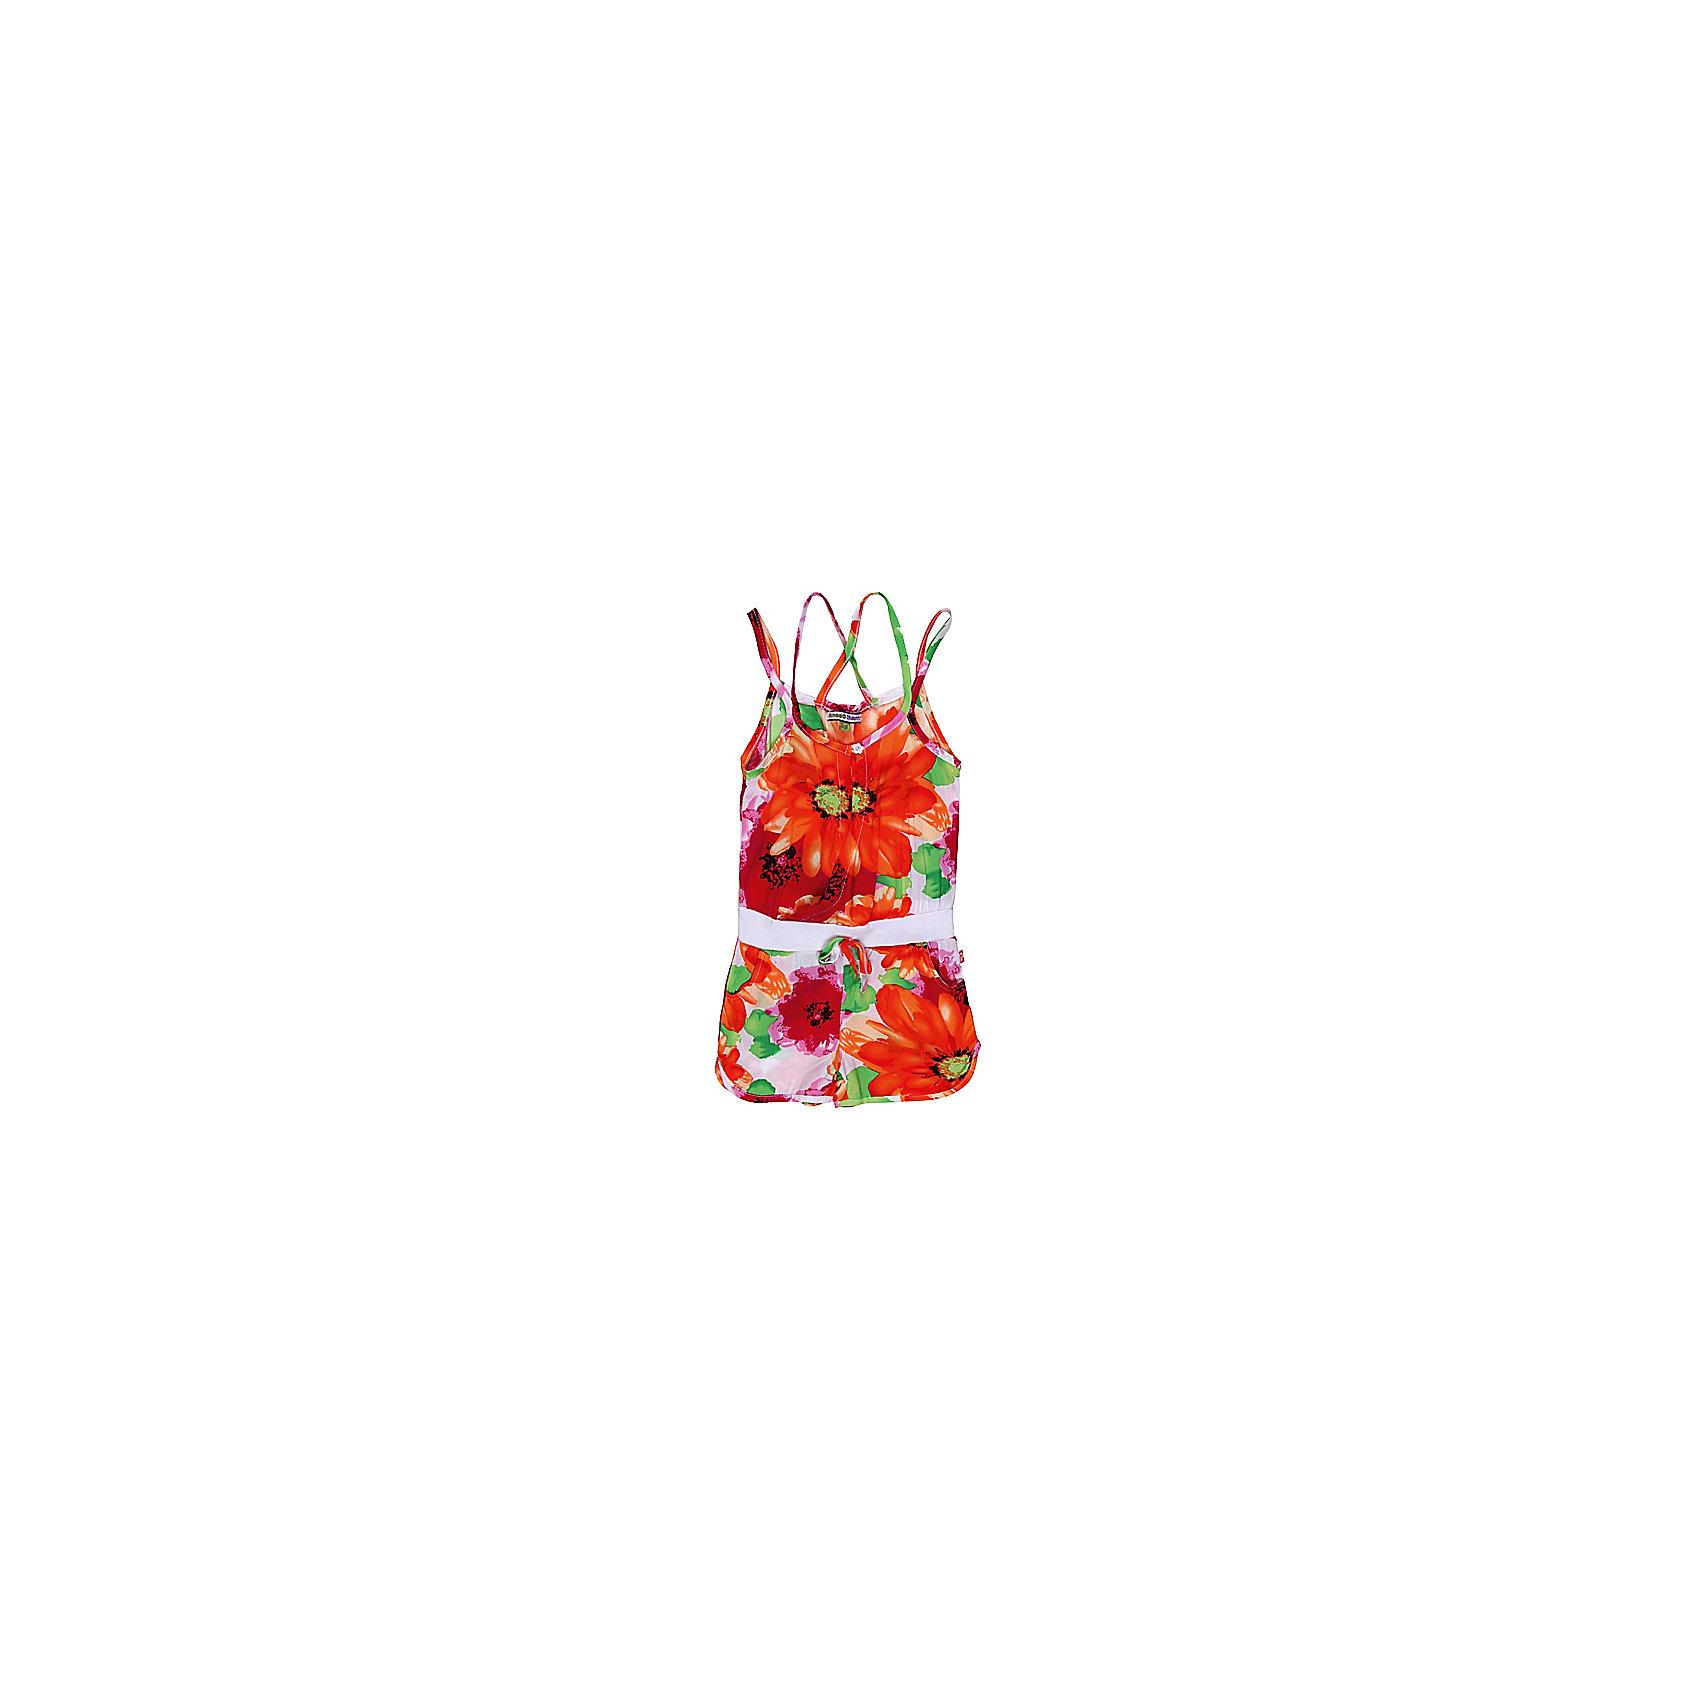 Комбинезон для девочки Sweet BerryКомбинезоны<br>Яркий полукомбинезон из легкой текстильной ткани.Пояс на мягкой трикотажной резинке.<br>Состав:<br>100% вискоза<br><br>Ширина мм: 215<br>Глубина мм: 88<br>Высота мм: 191<br>Вес г: 336<br>Цвет: разноцветный<br>Возраст от месяцев: 24<br>Возраст до месяцев: 36<br>Пол: Женский<br>Возраст: Детский<br>Размер: 98,128,104,122,110,116<br>SKU: 4521332